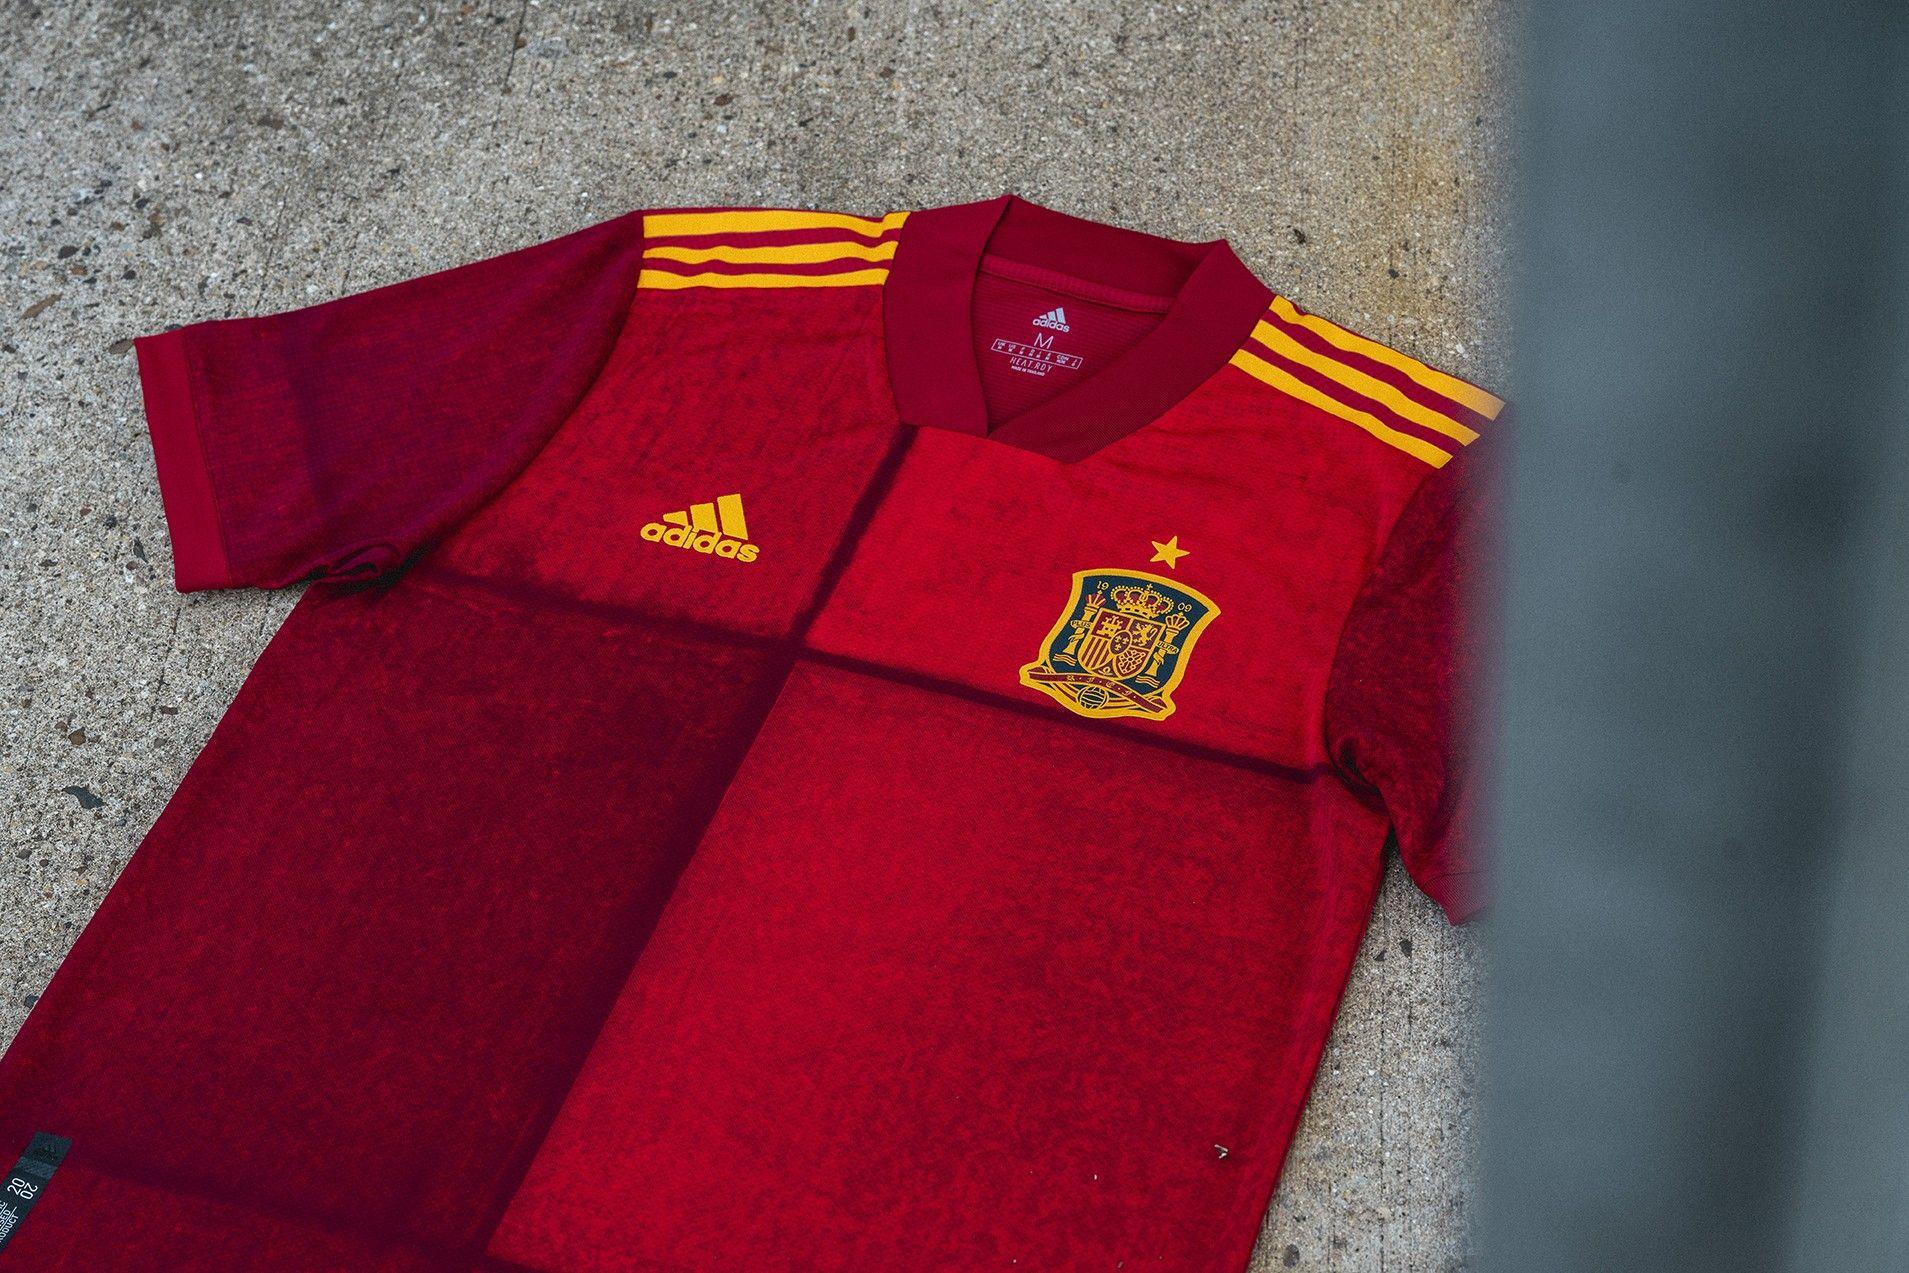 Camiseta de la selección española para la Euro 2020